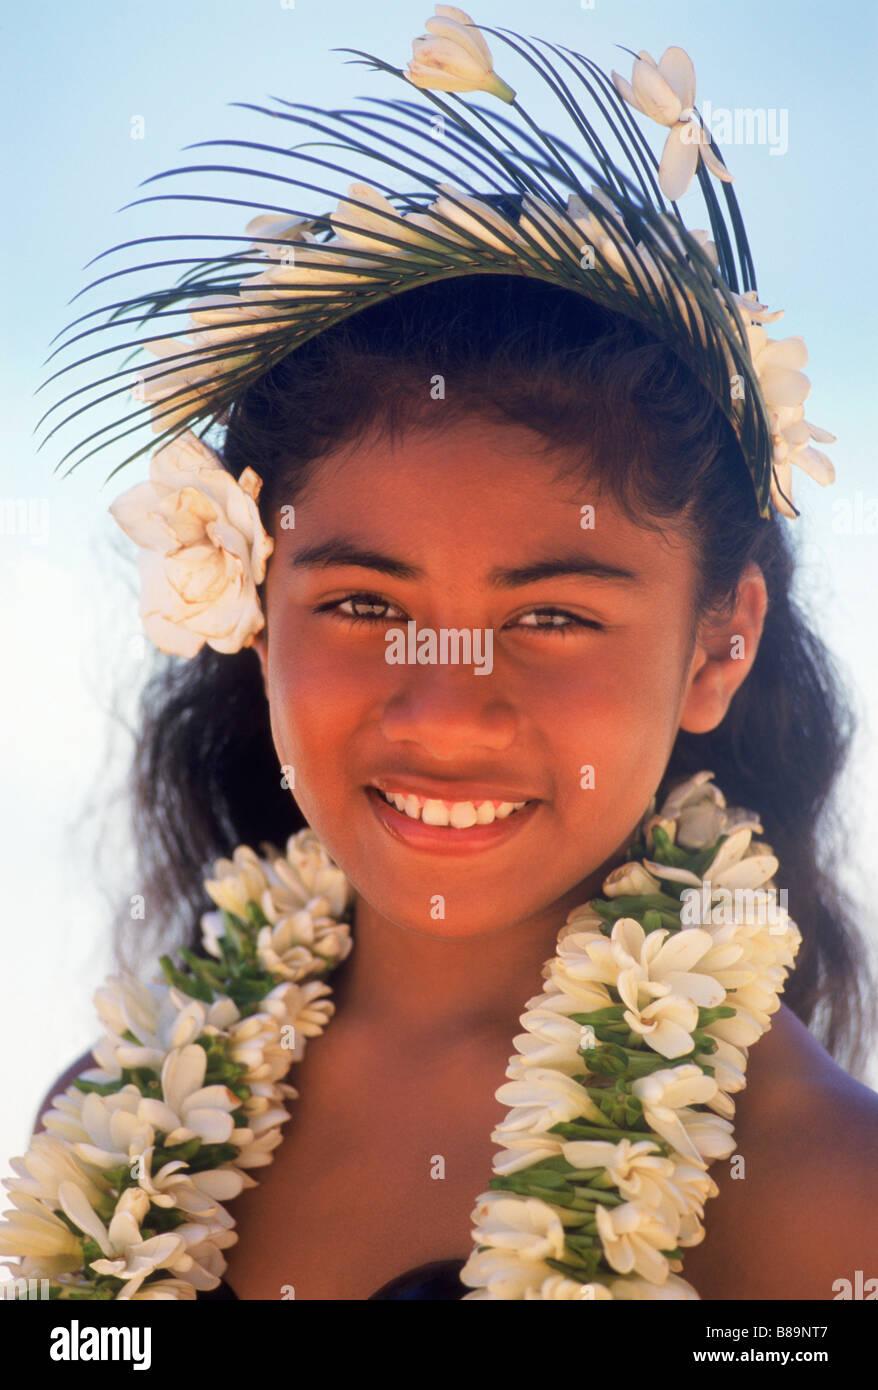 Petite Fille Avec Une Fleur Polynesian Lei Coiffe Et Beau Sourire